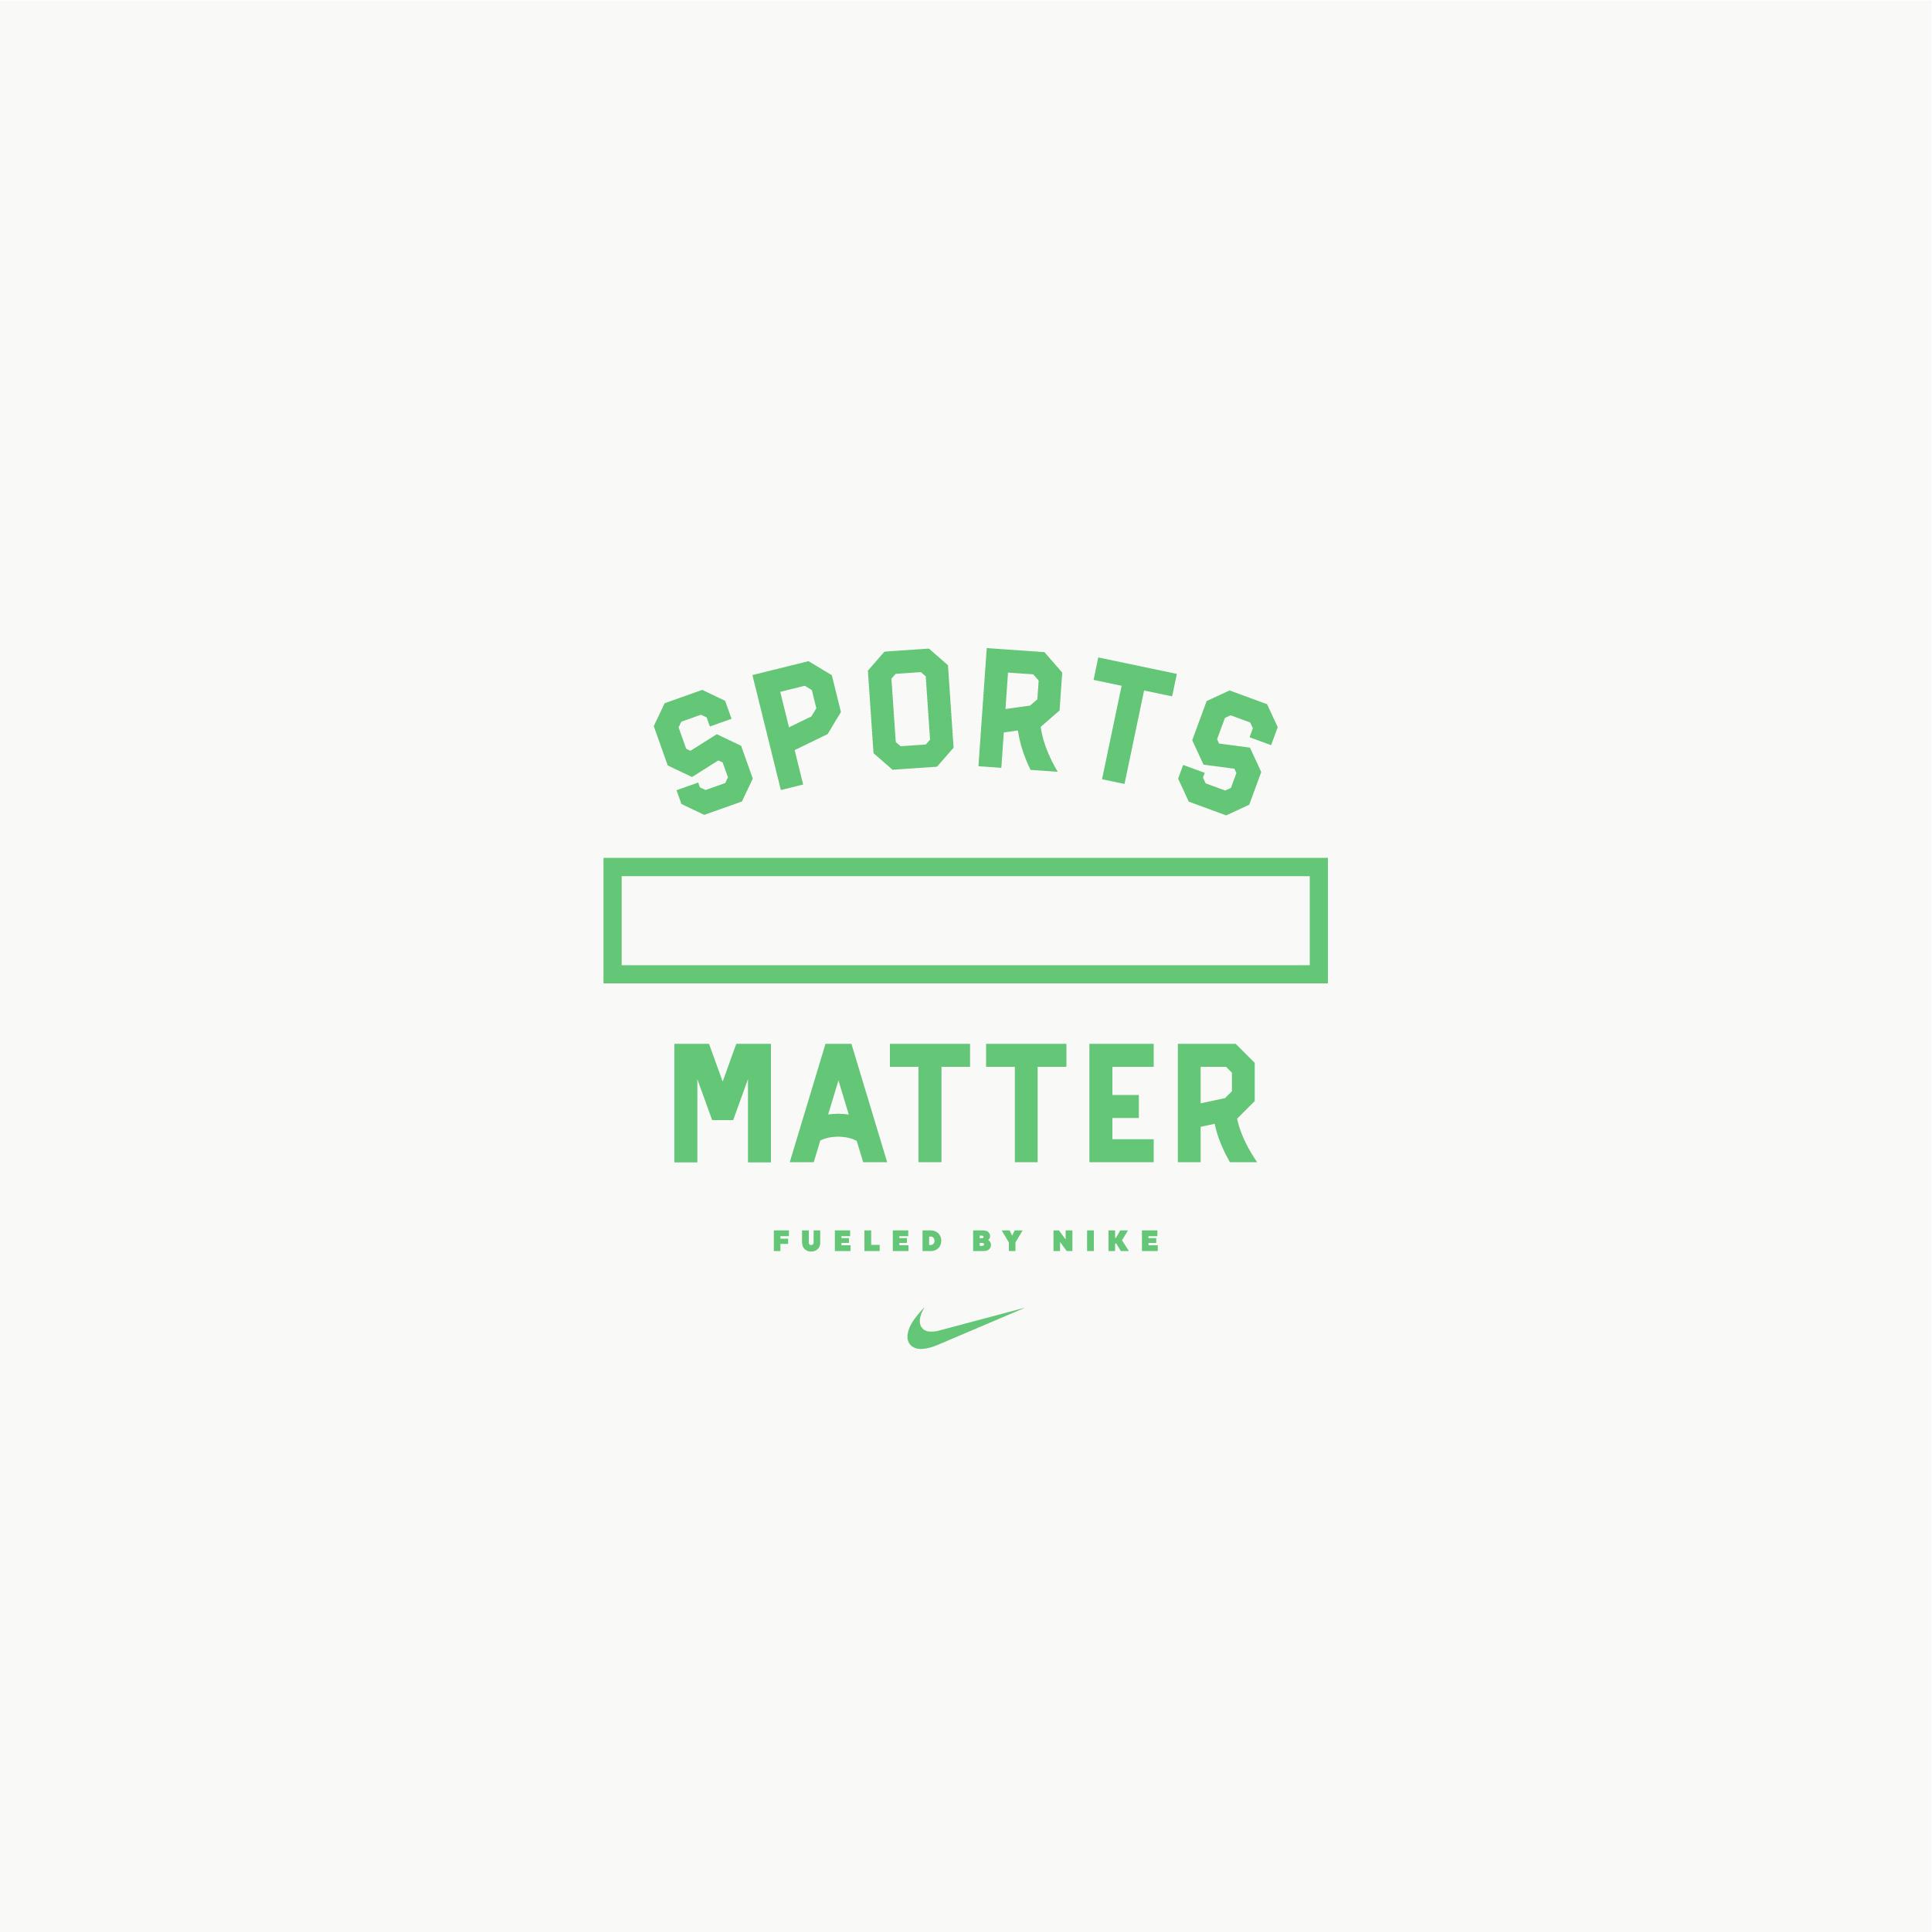 TBS_LogosMarks_NikeSportsMatter